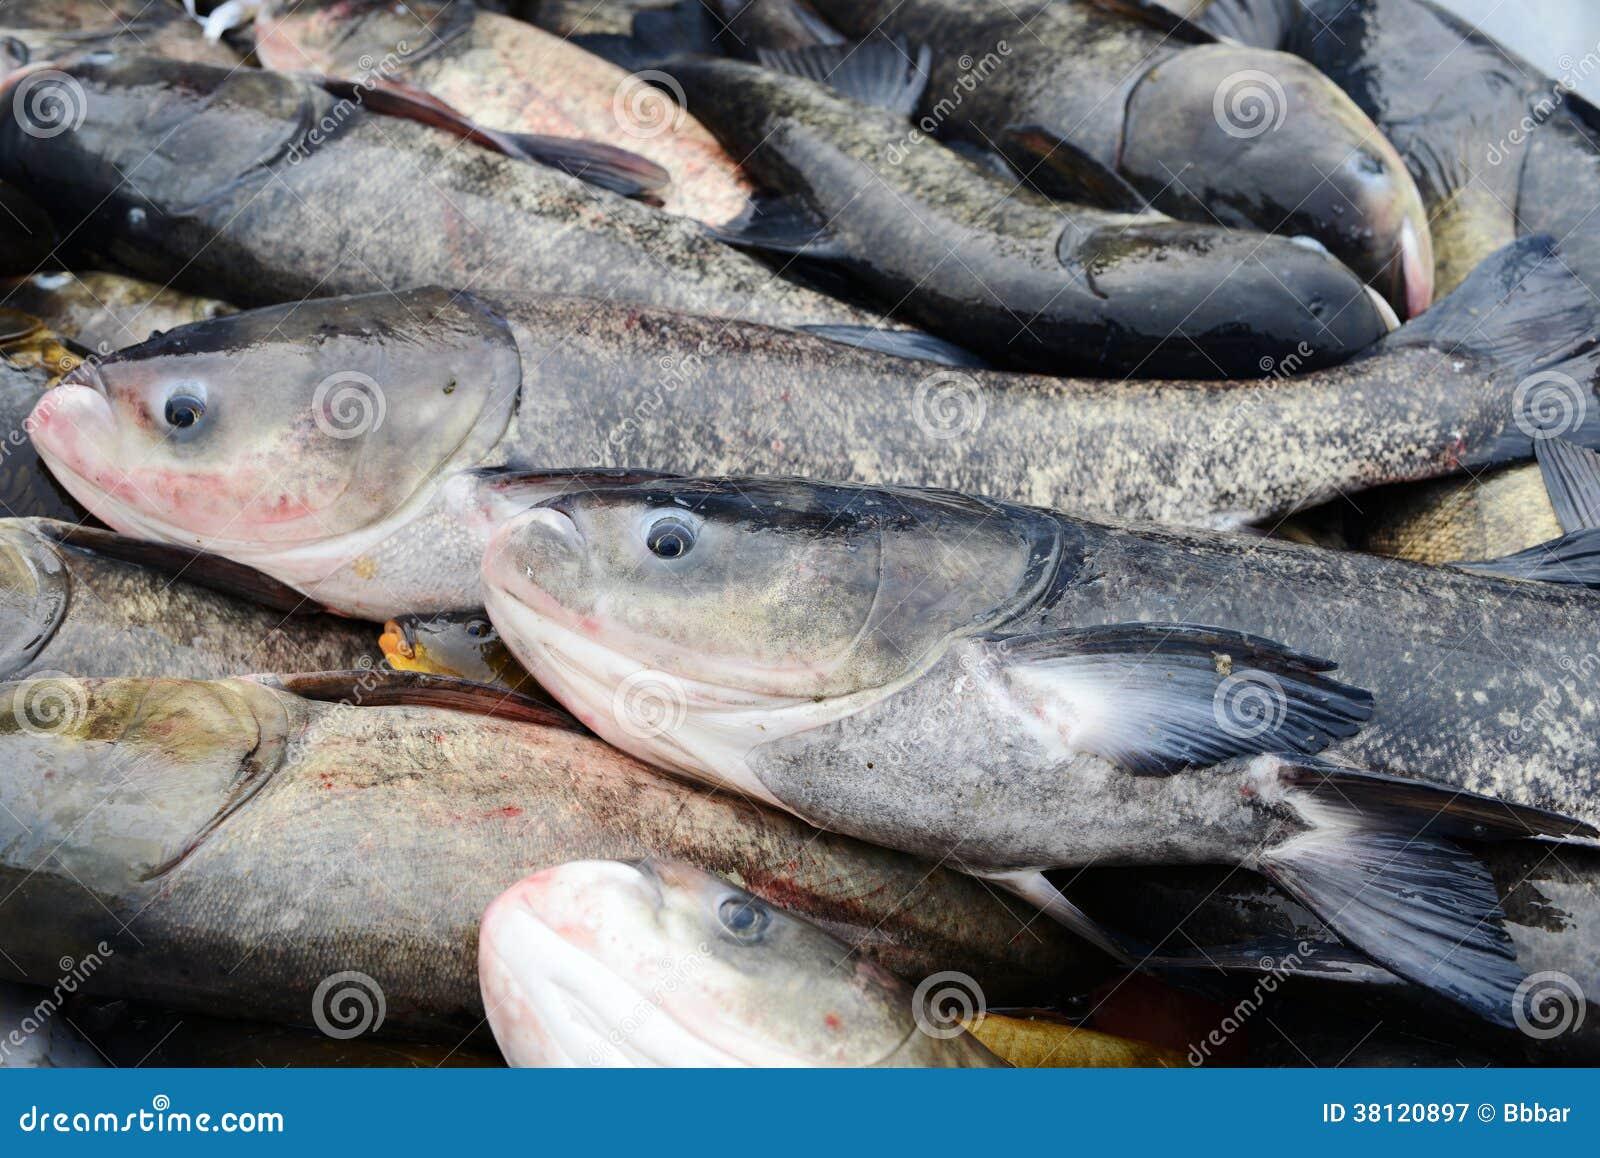 Freshwater carp - photo#8